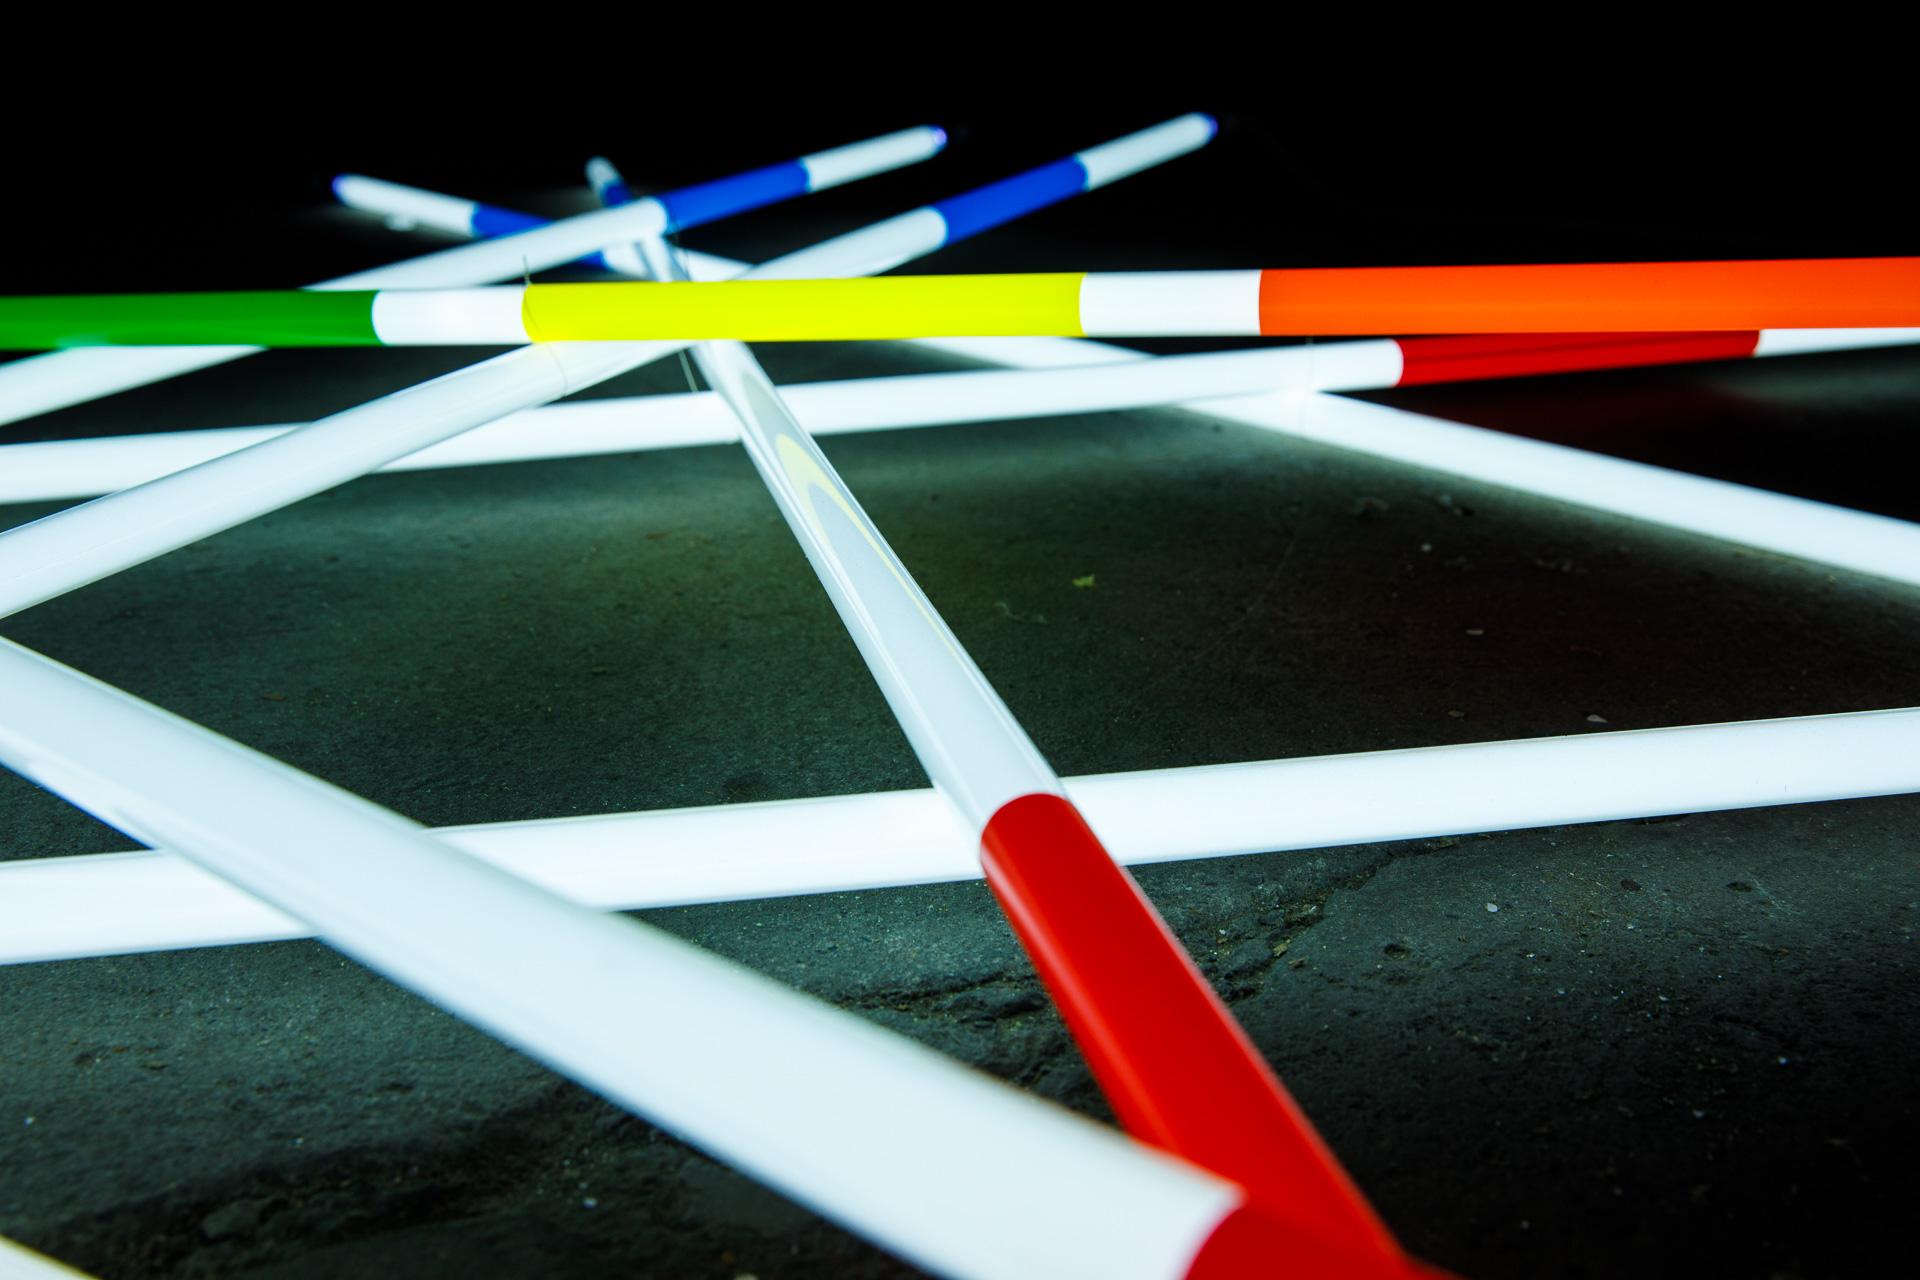 Neon Art Kunstobjekte aus Neon, Nino Miloni, Artist